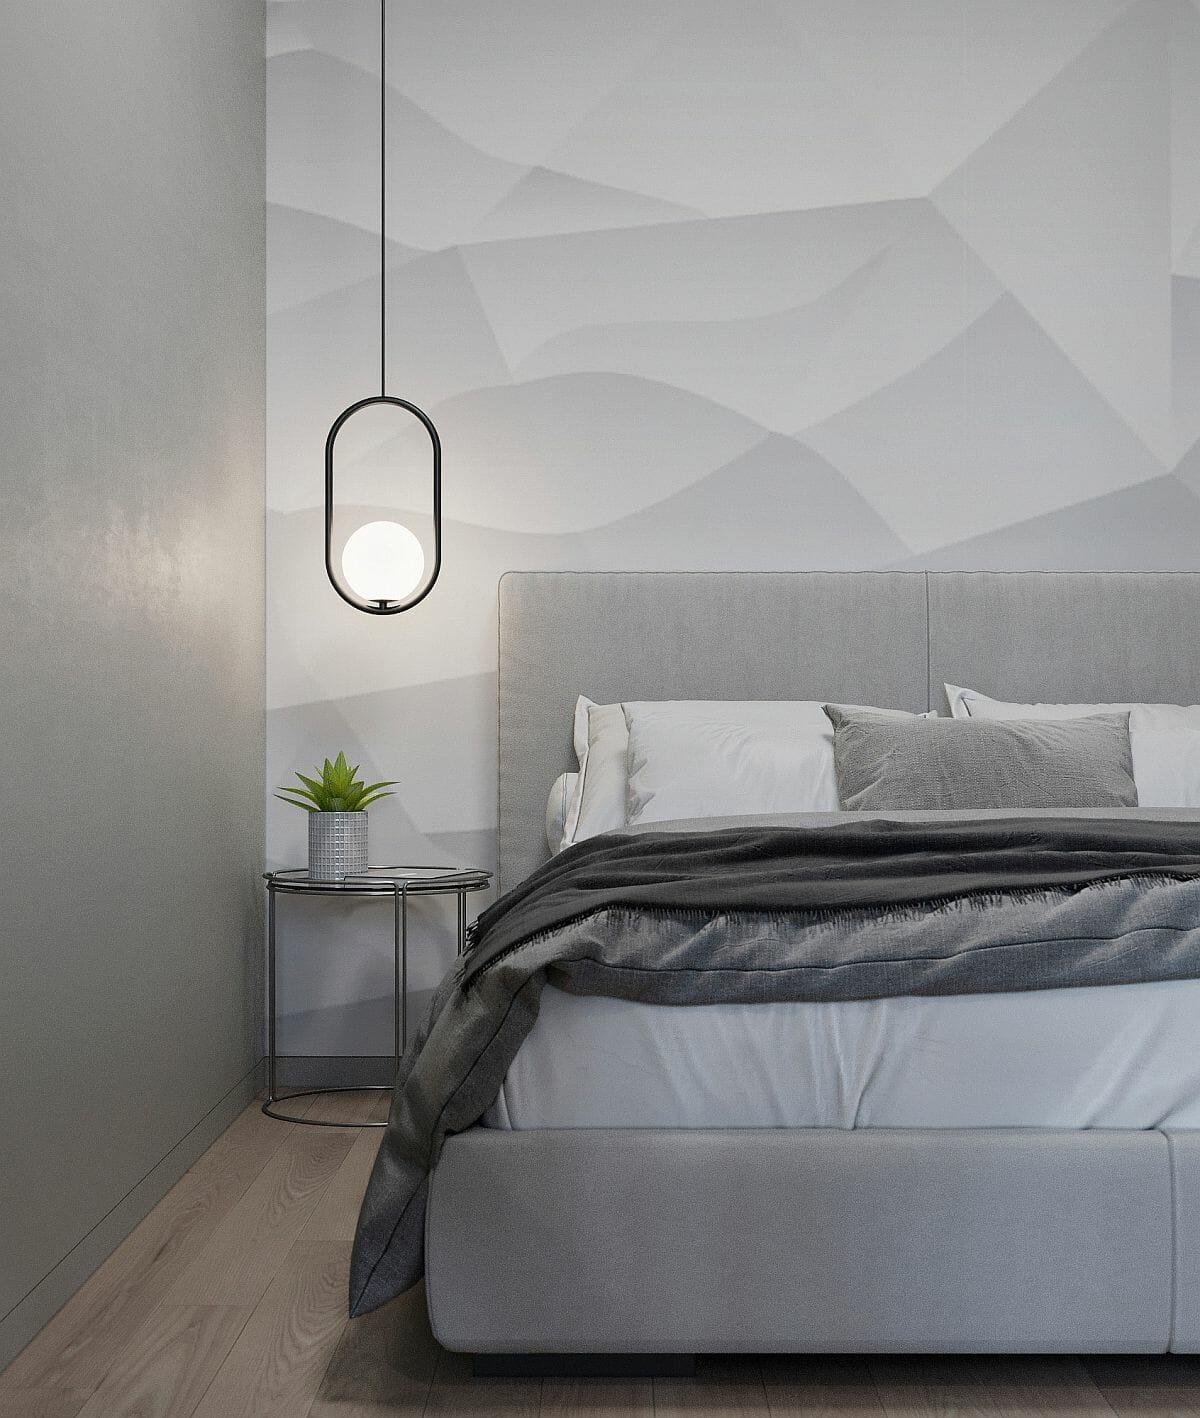 hình ảnh phòng ngủ nhỏ tông màu xám chủ đạo